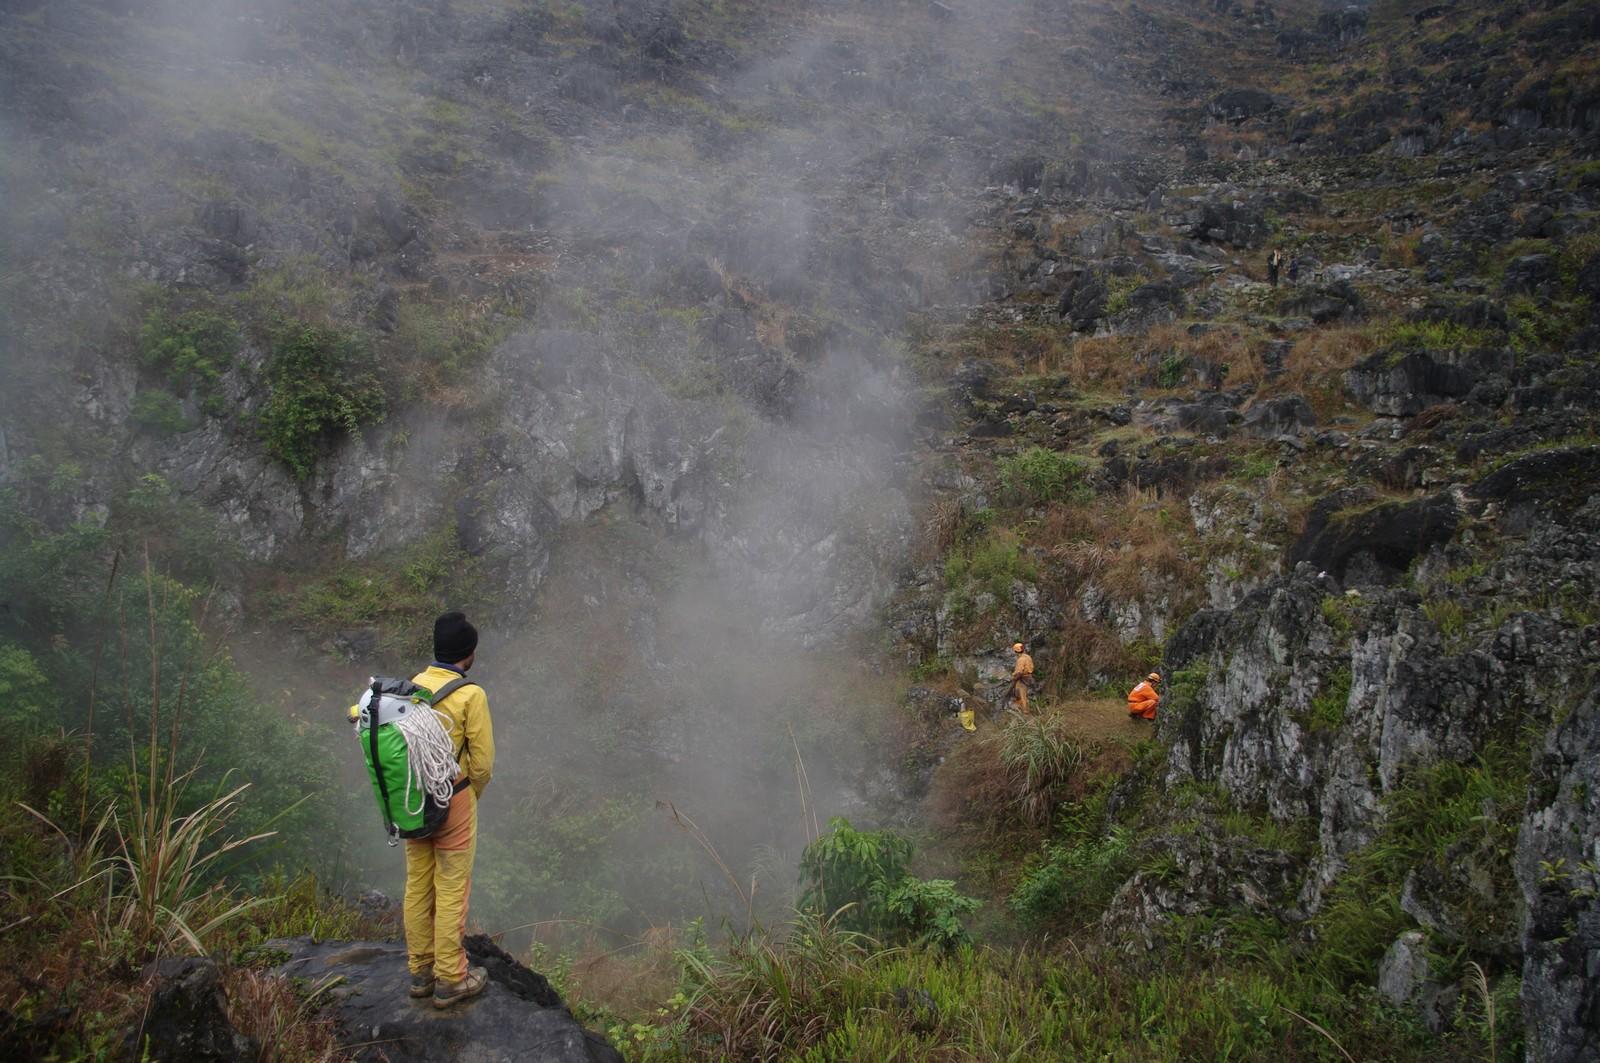 Una colonna di vapore alta decine di metri si alza dall ingresso di Shaowandong (foto Gilles Connes)